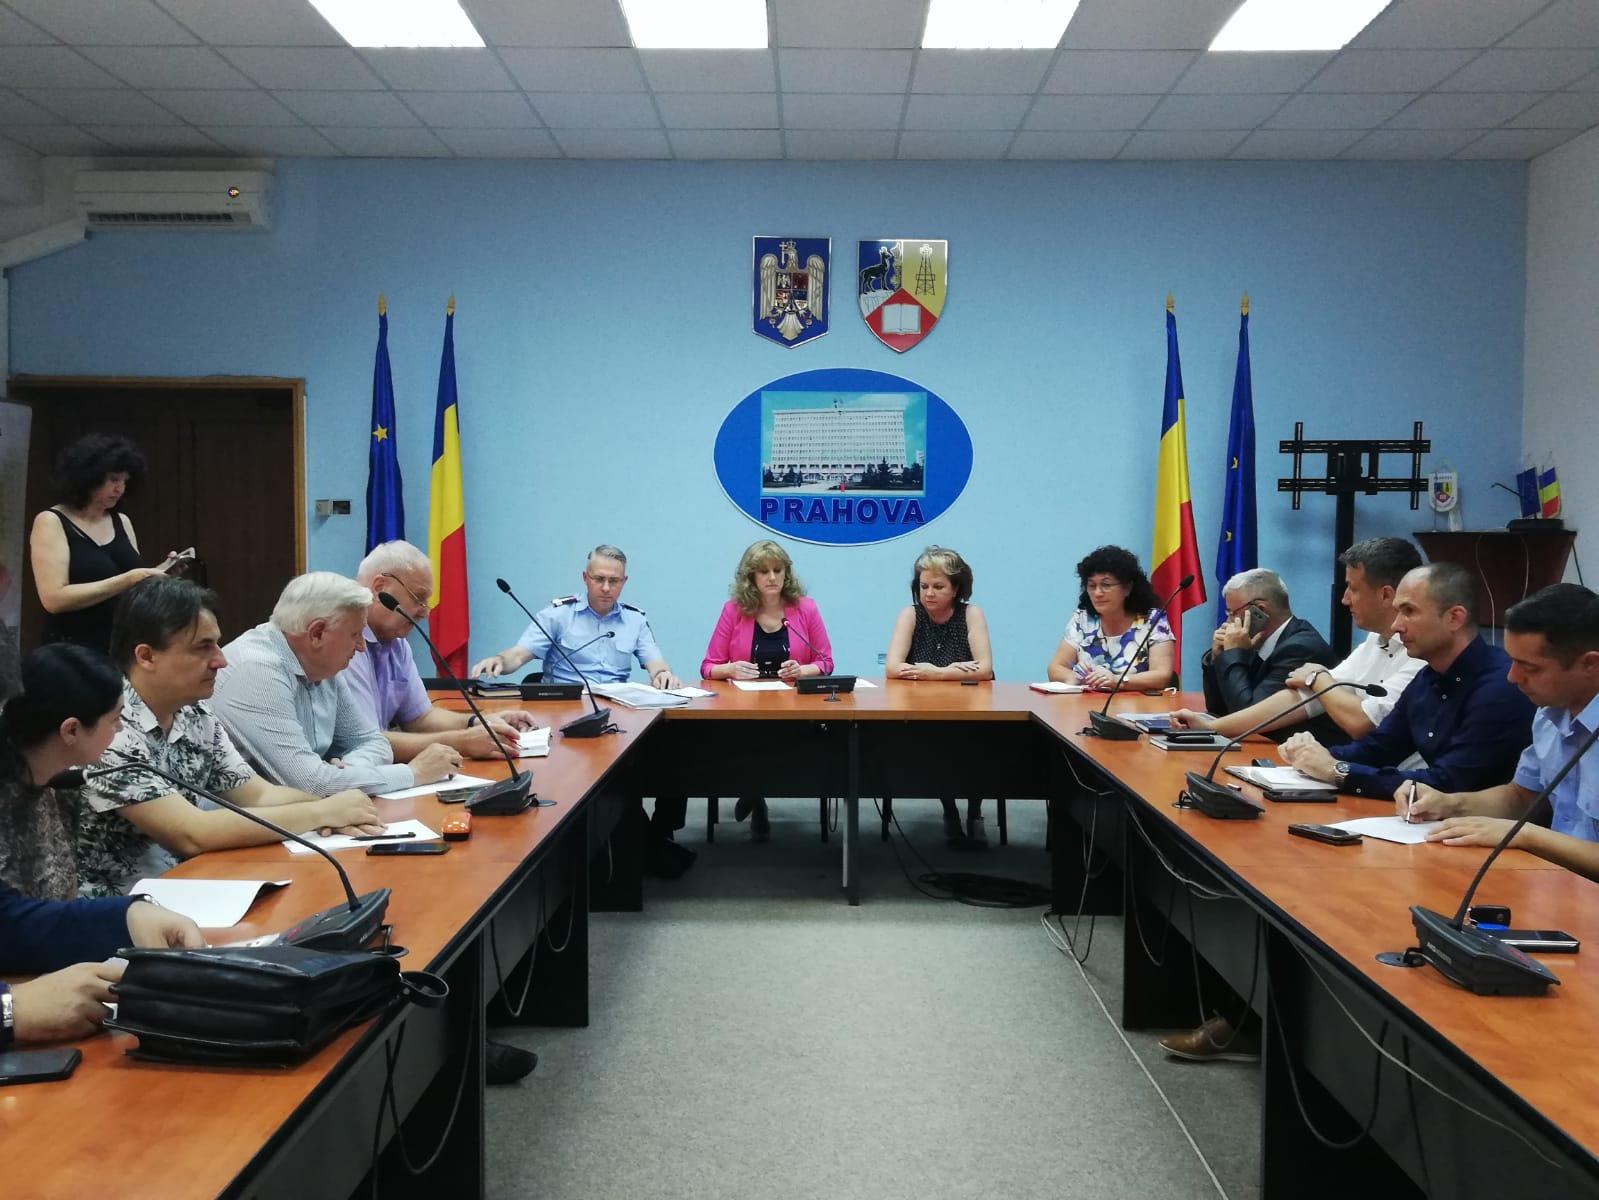 Comunicat de presă-Ședință ordinară a CJSU Prahova pentru un nou proiect de hotărâre de guvern